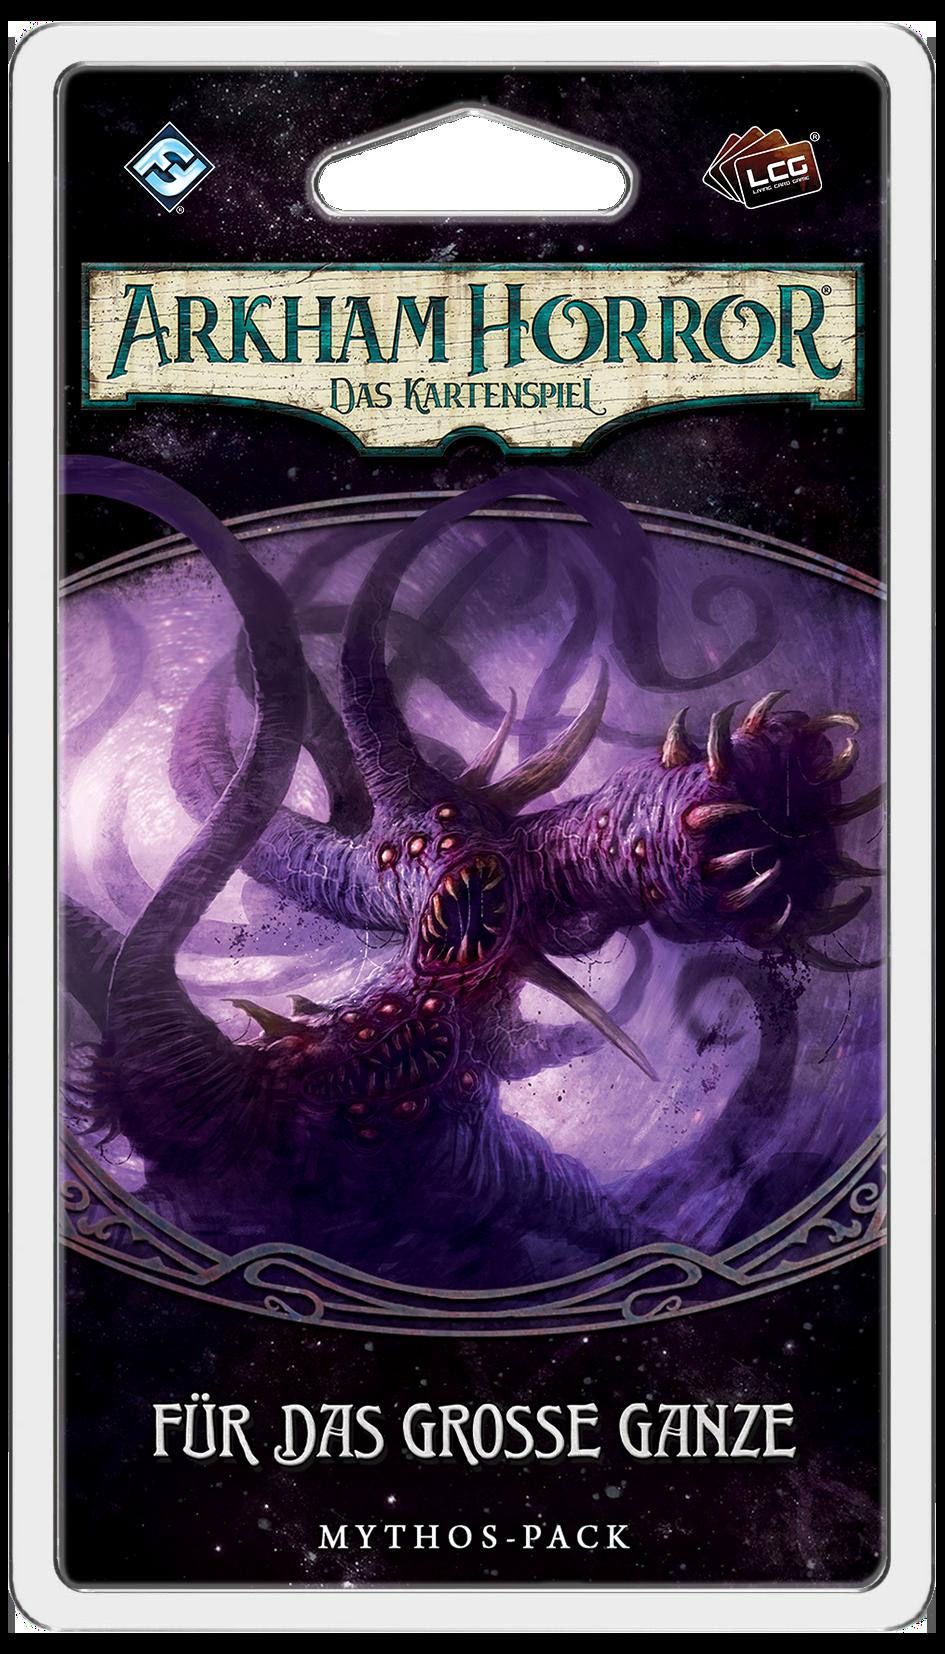 Das Mythos Pack Für das Große Ganze zugehörig zur Arkham Horror LCG Erweiterung Der gebrochene Kreis